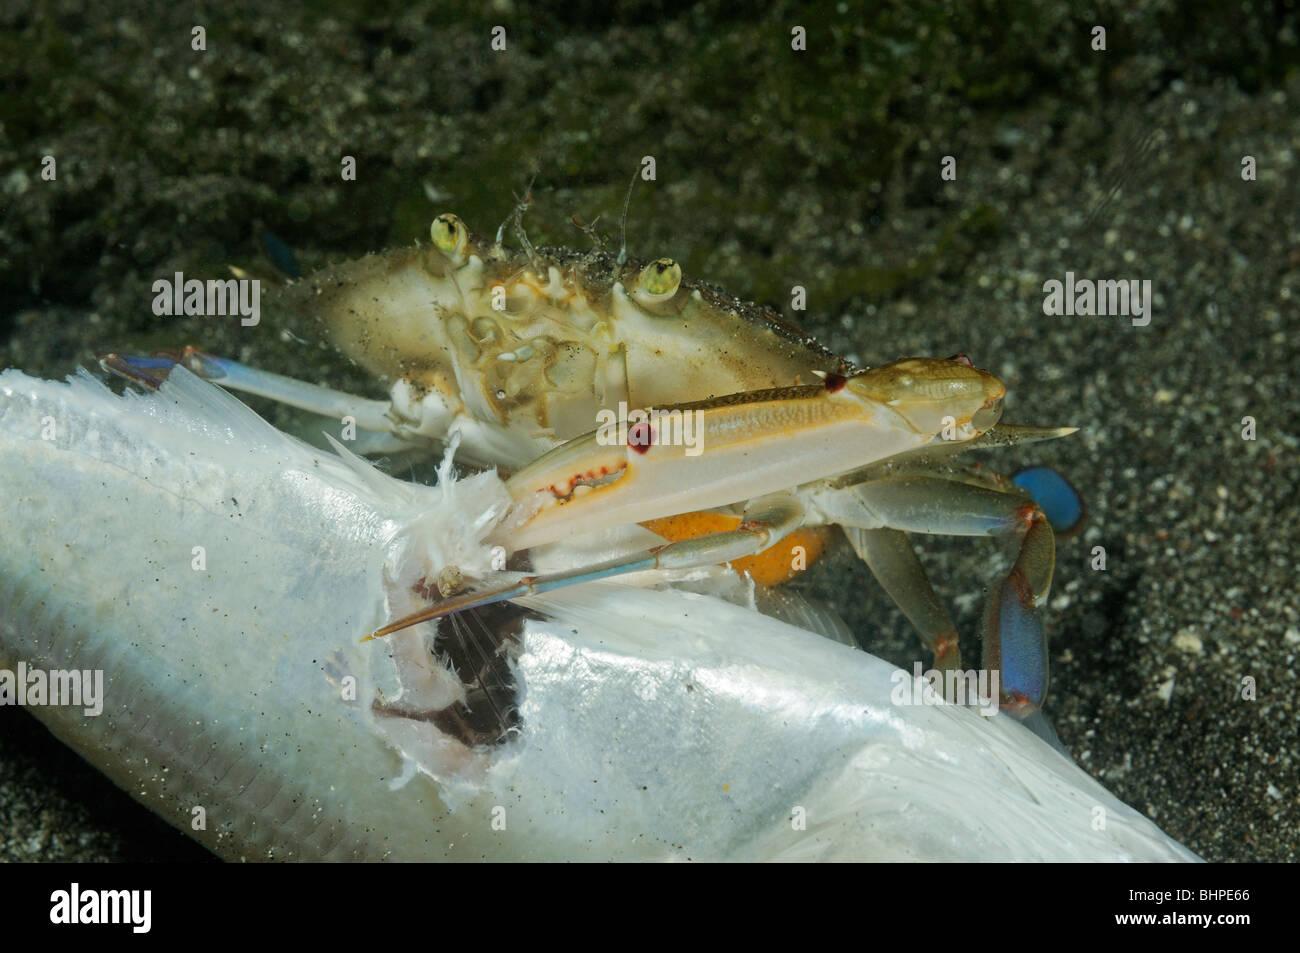 Portunus pelagicus, Crab feeding on dead fish, Secret Bay, Gilimanuk, Bali, Indonesia, Indo-Pacific Ocean - Stock Image